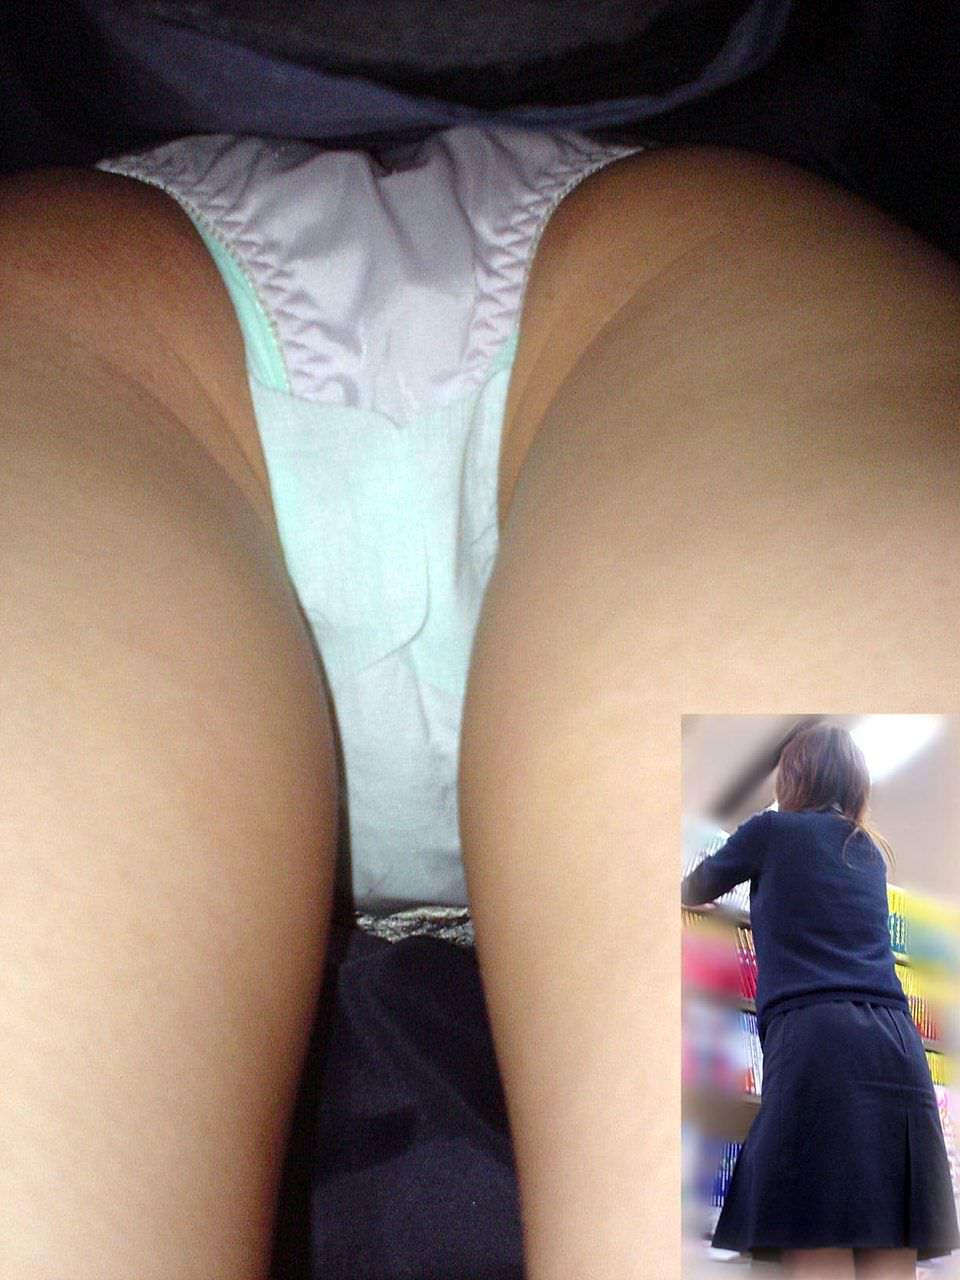 素人のスカートの中身を逆さ撮りしたら生理中の女子だった時パンチラ画像 230